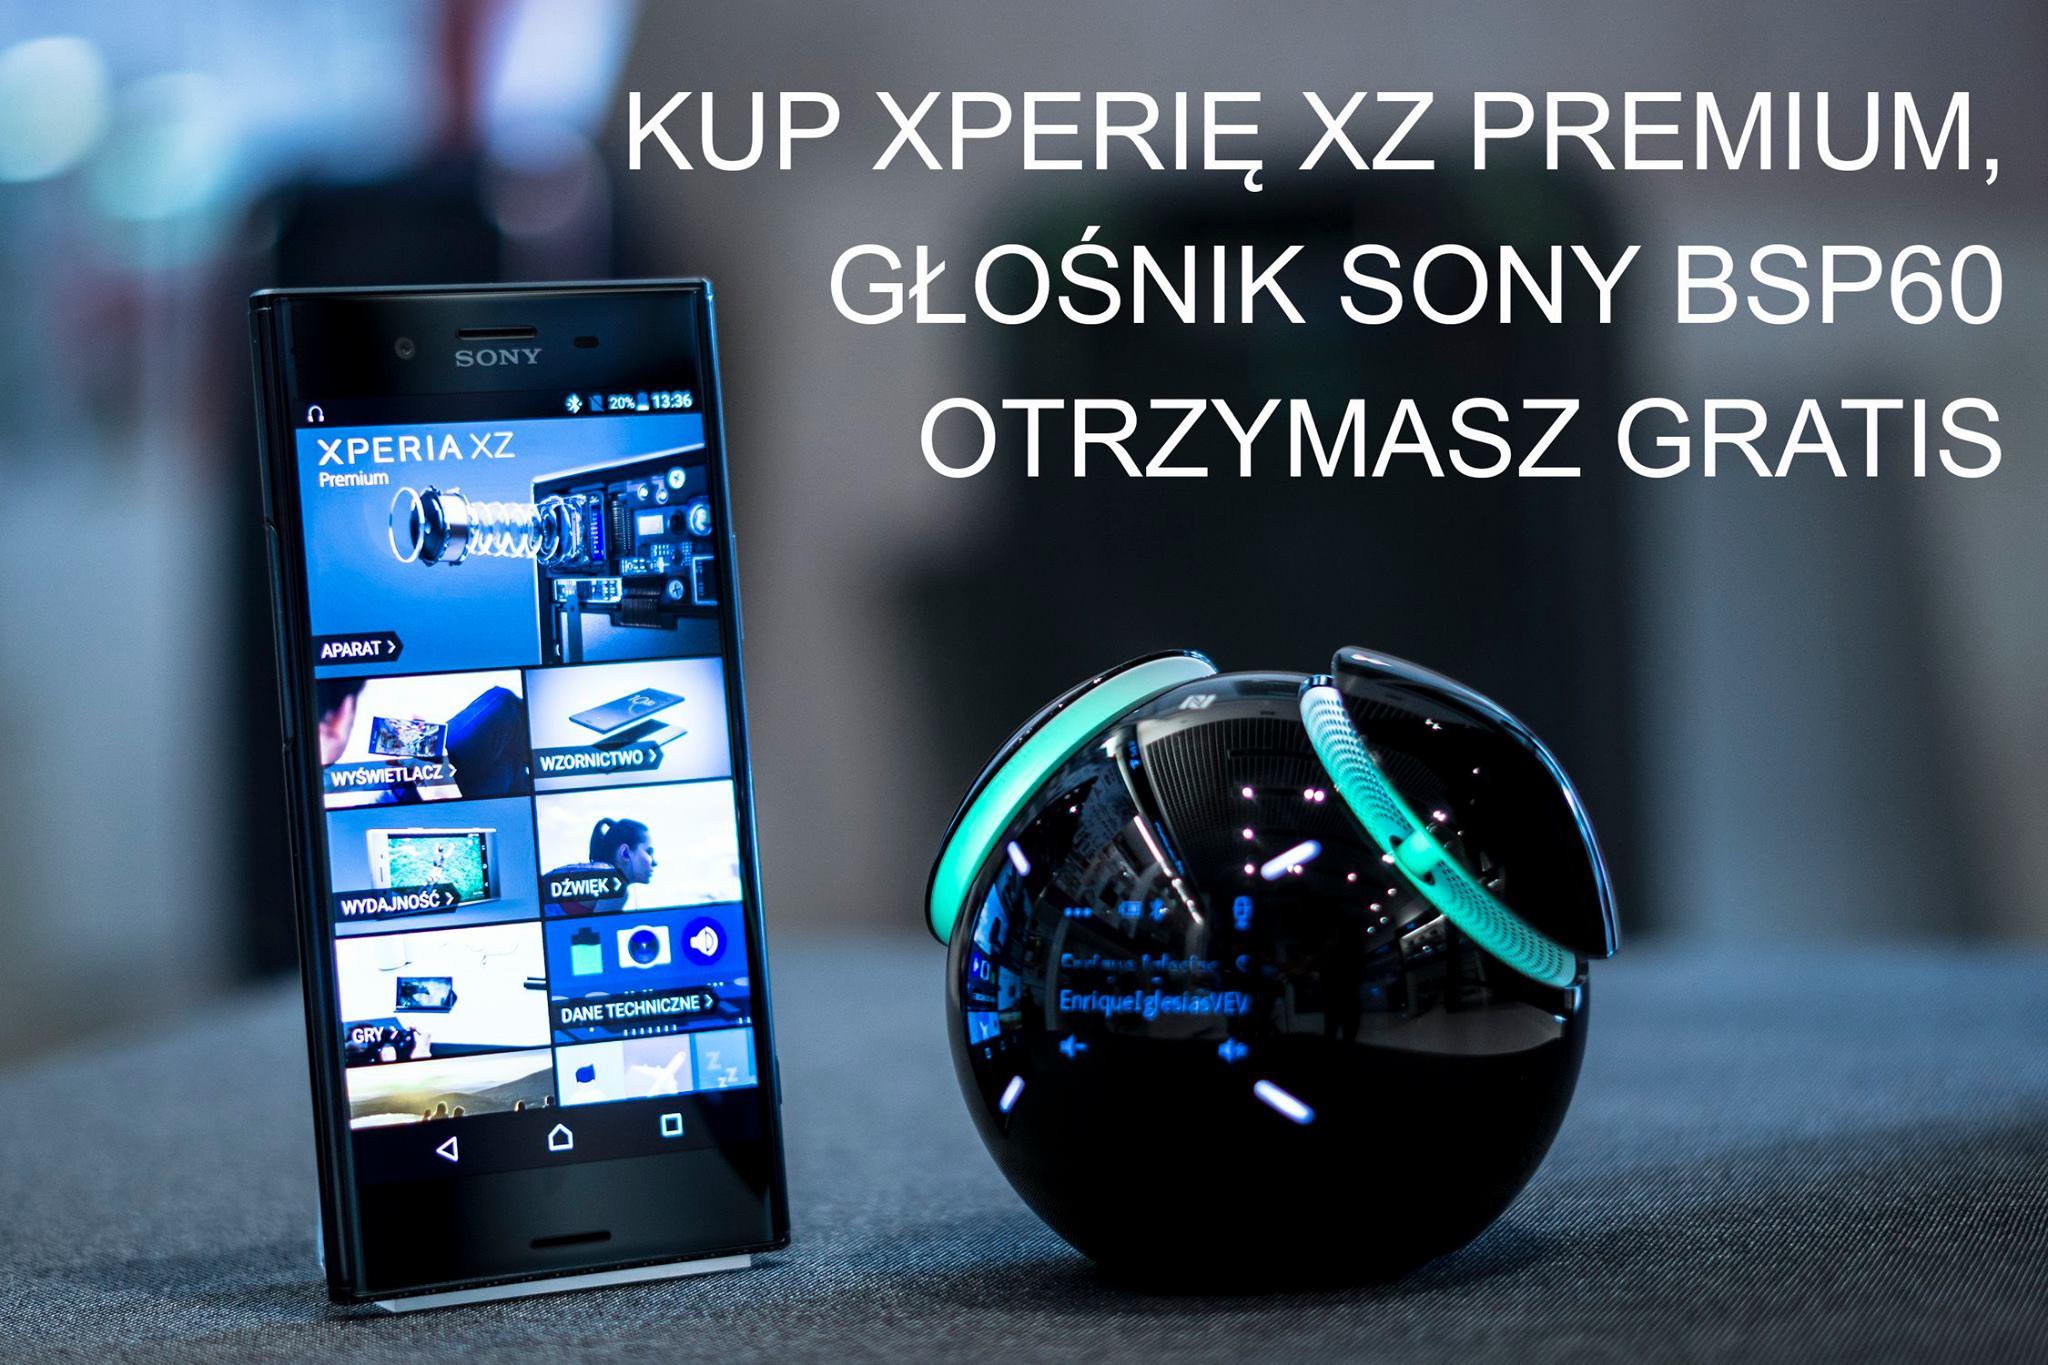 XPERIA XZ PREMIUM + BSP60 GRATIS